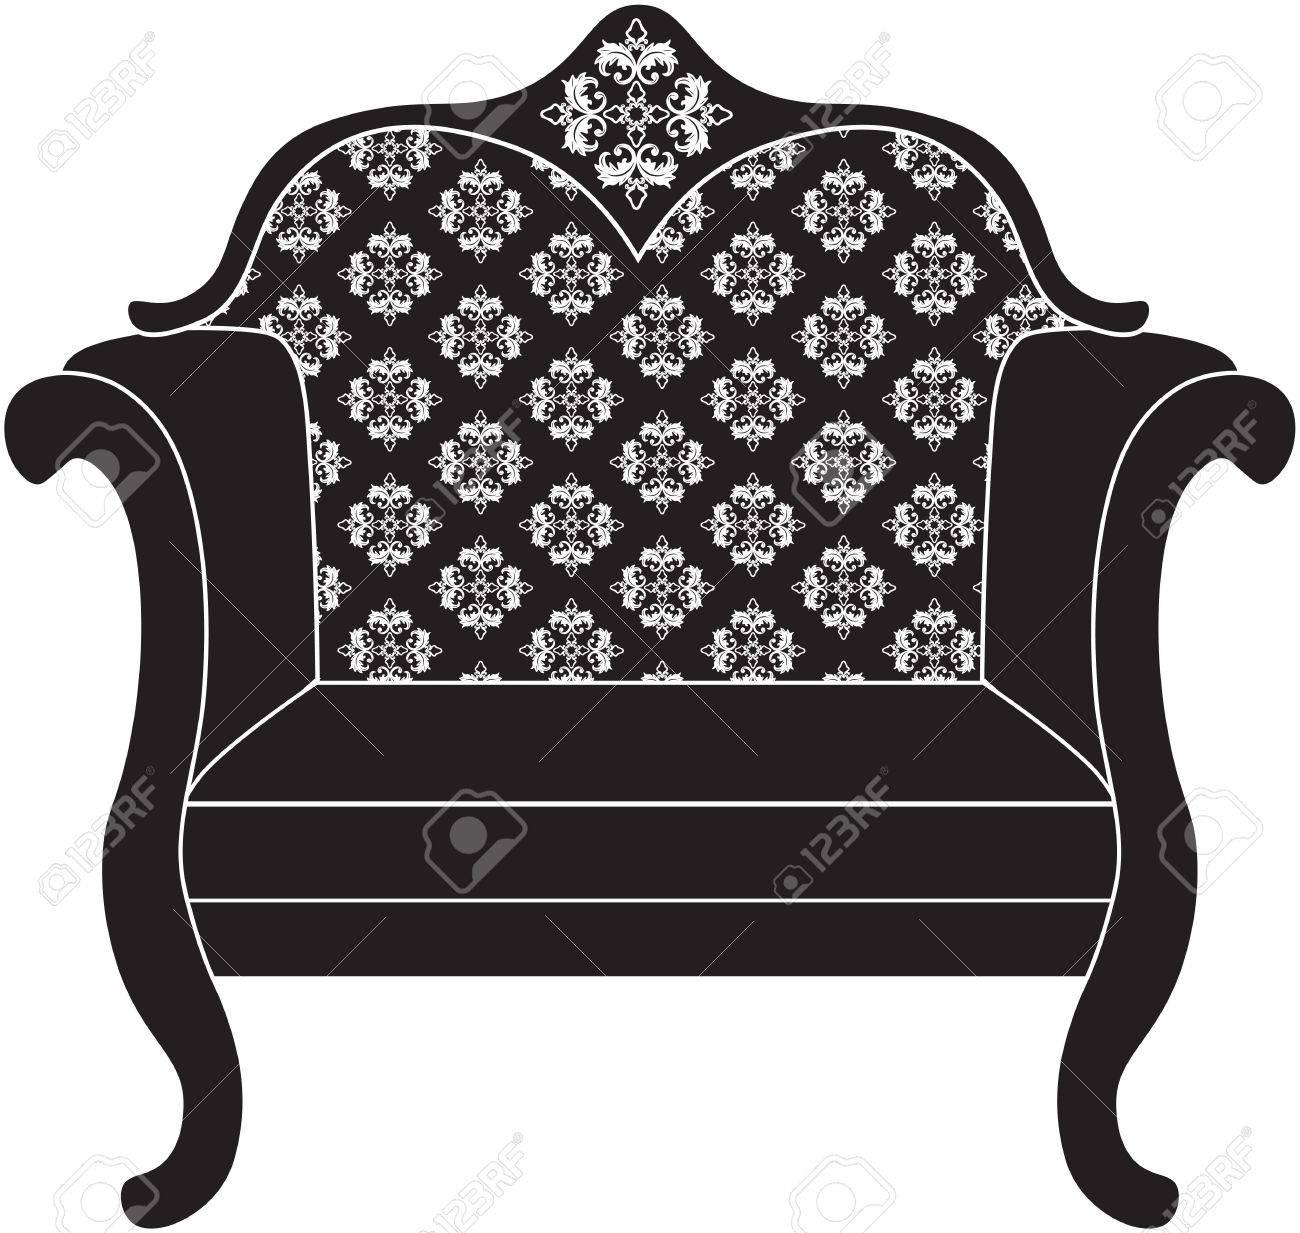 Hervorragend Barock Luxus Stil Sessel Möbel. Thron Mit Luxuriösen Reichen Verzierungen.  Französisch Luxus Reich